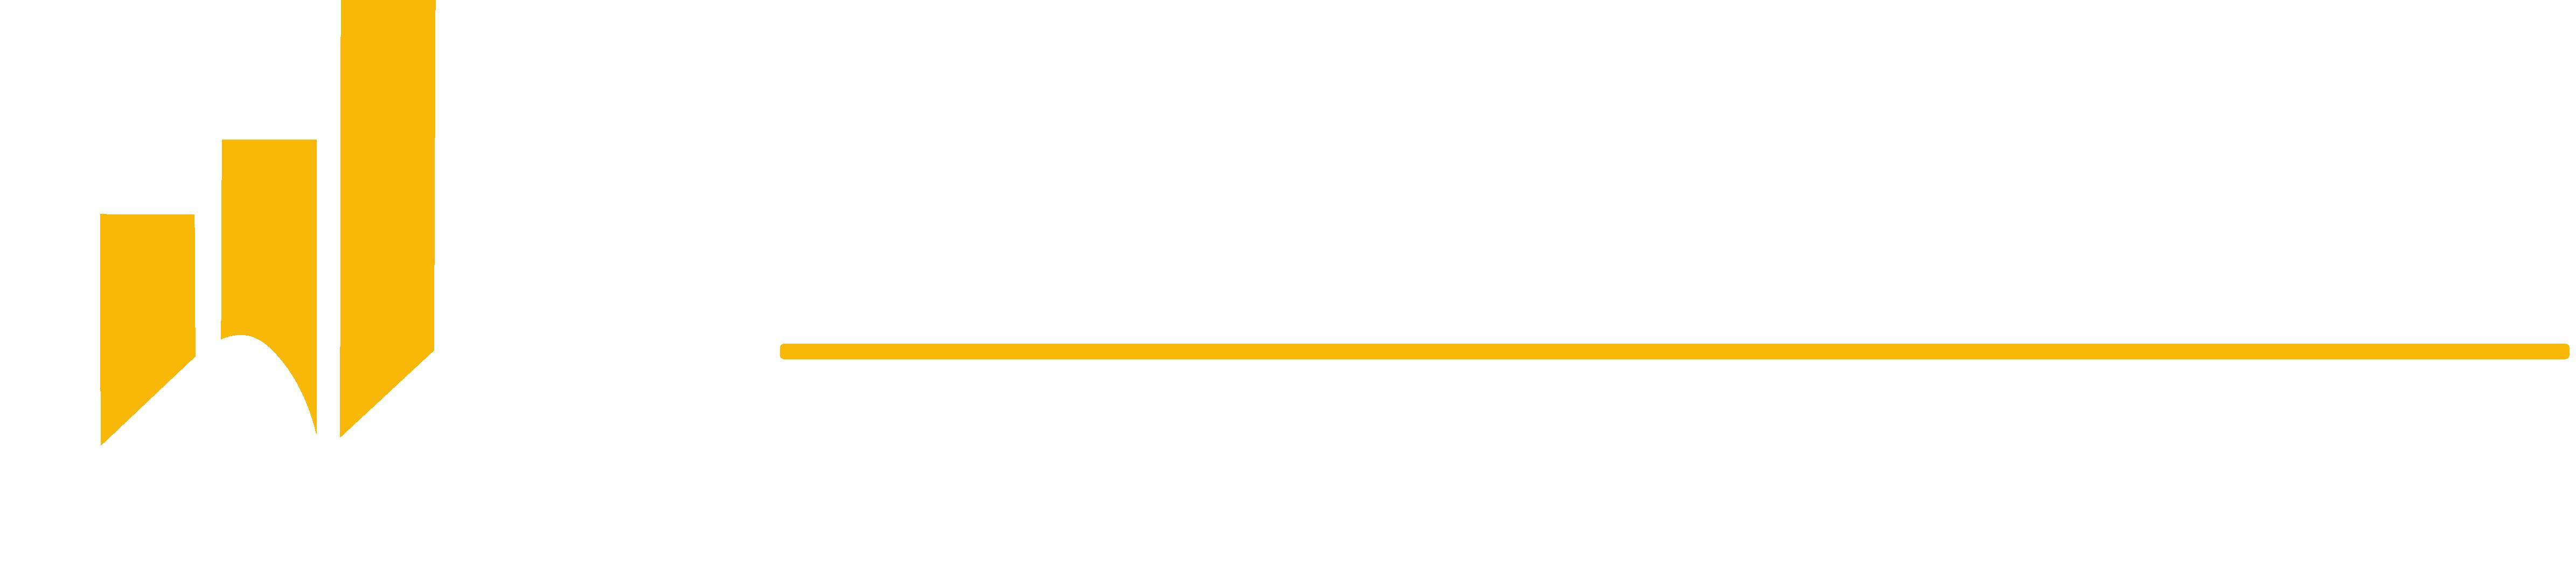 Invest in Georgia